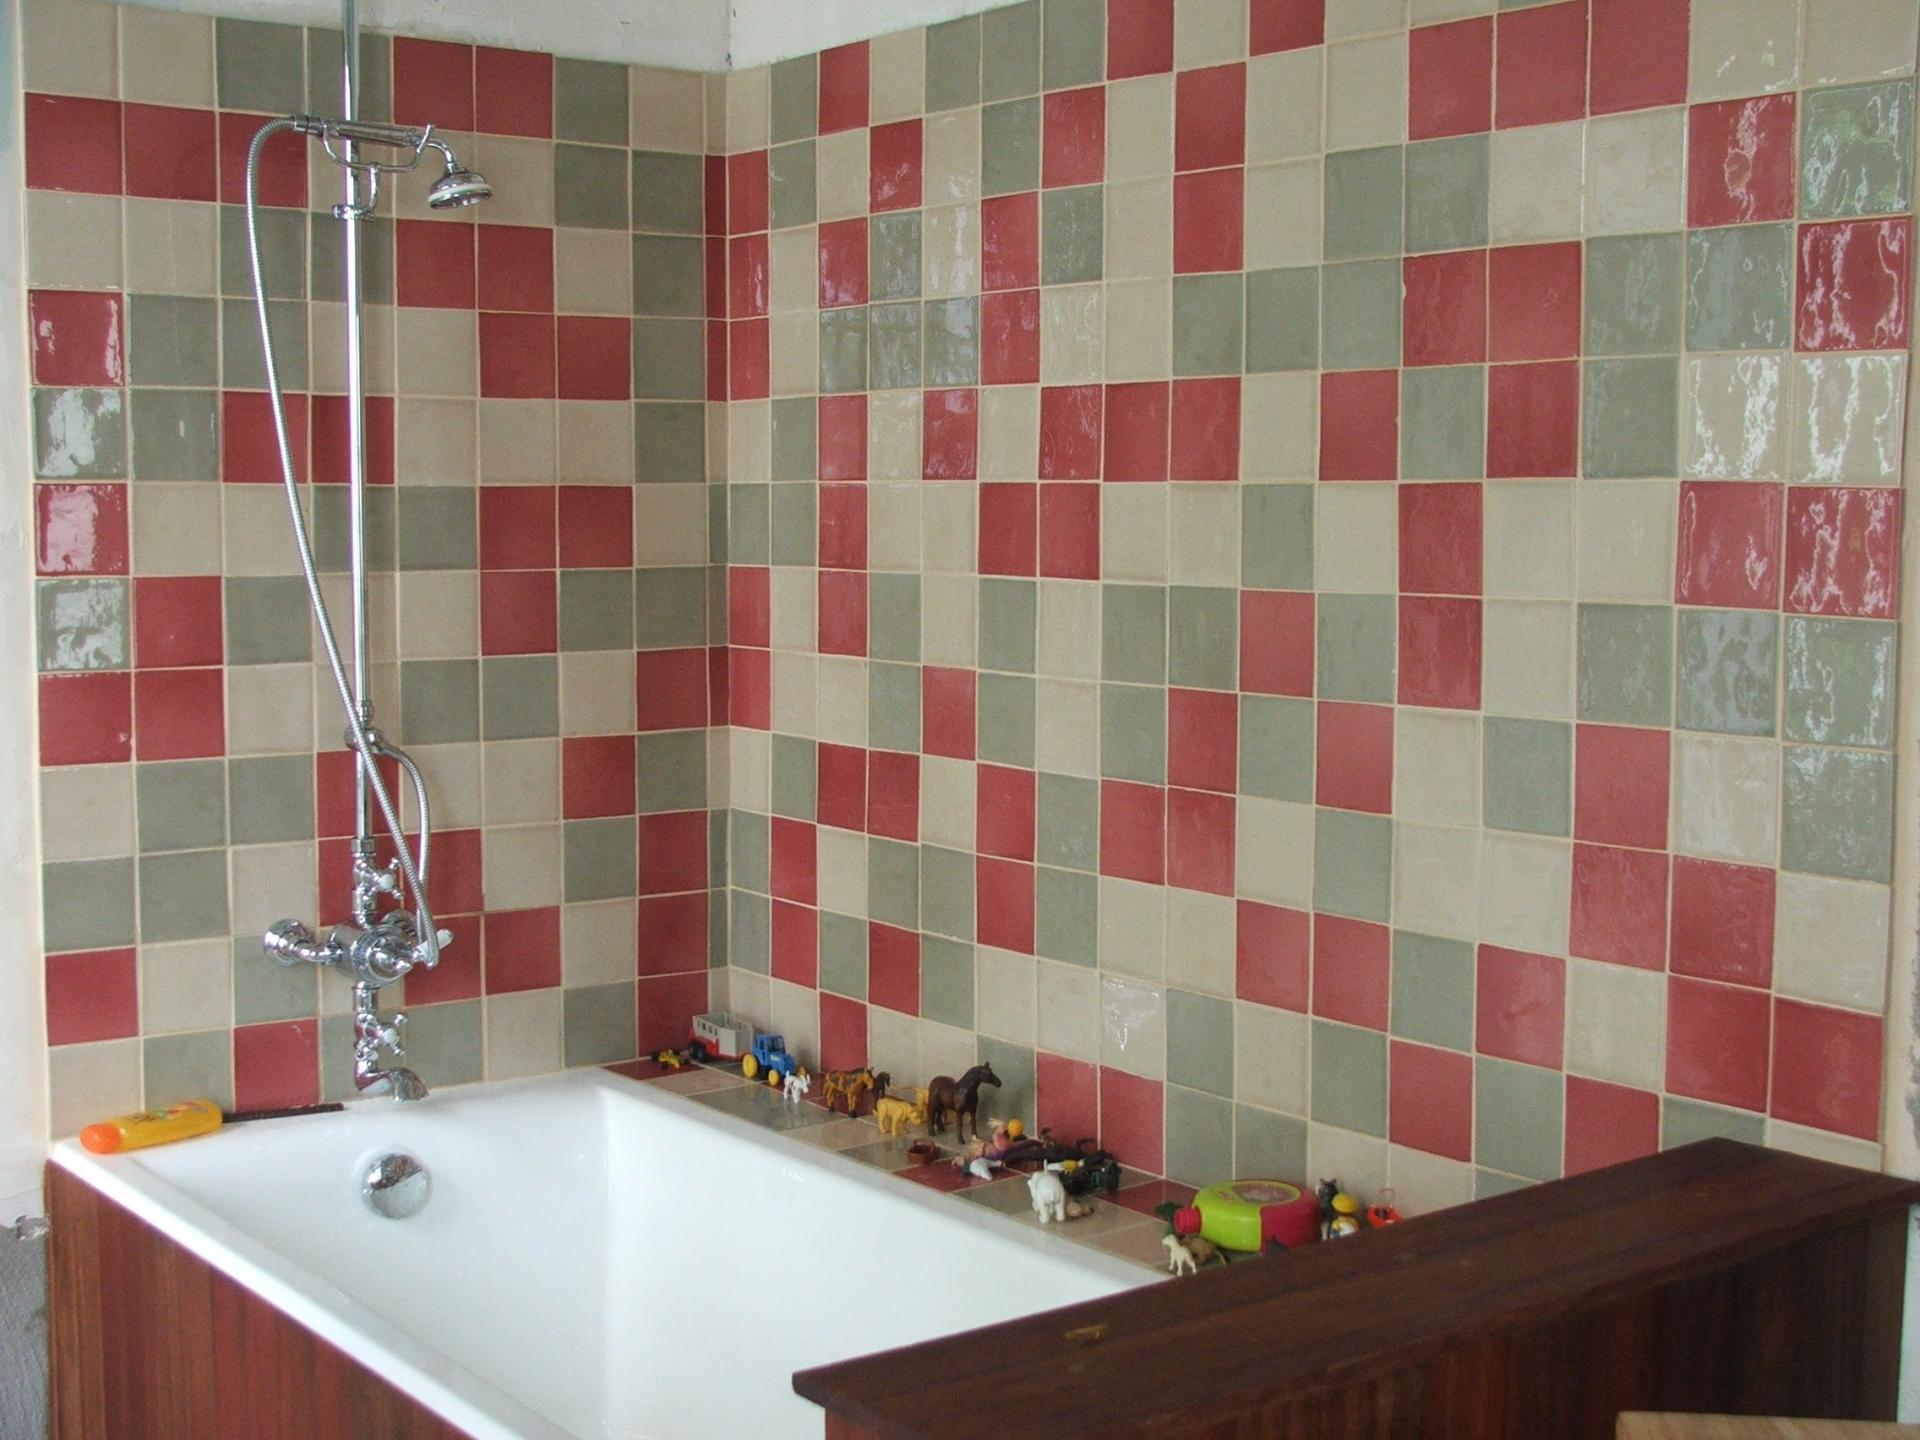 plombier triel sur seine grattenoix pcr. Black Bedroom Furniture Sets. Home Design Ideas